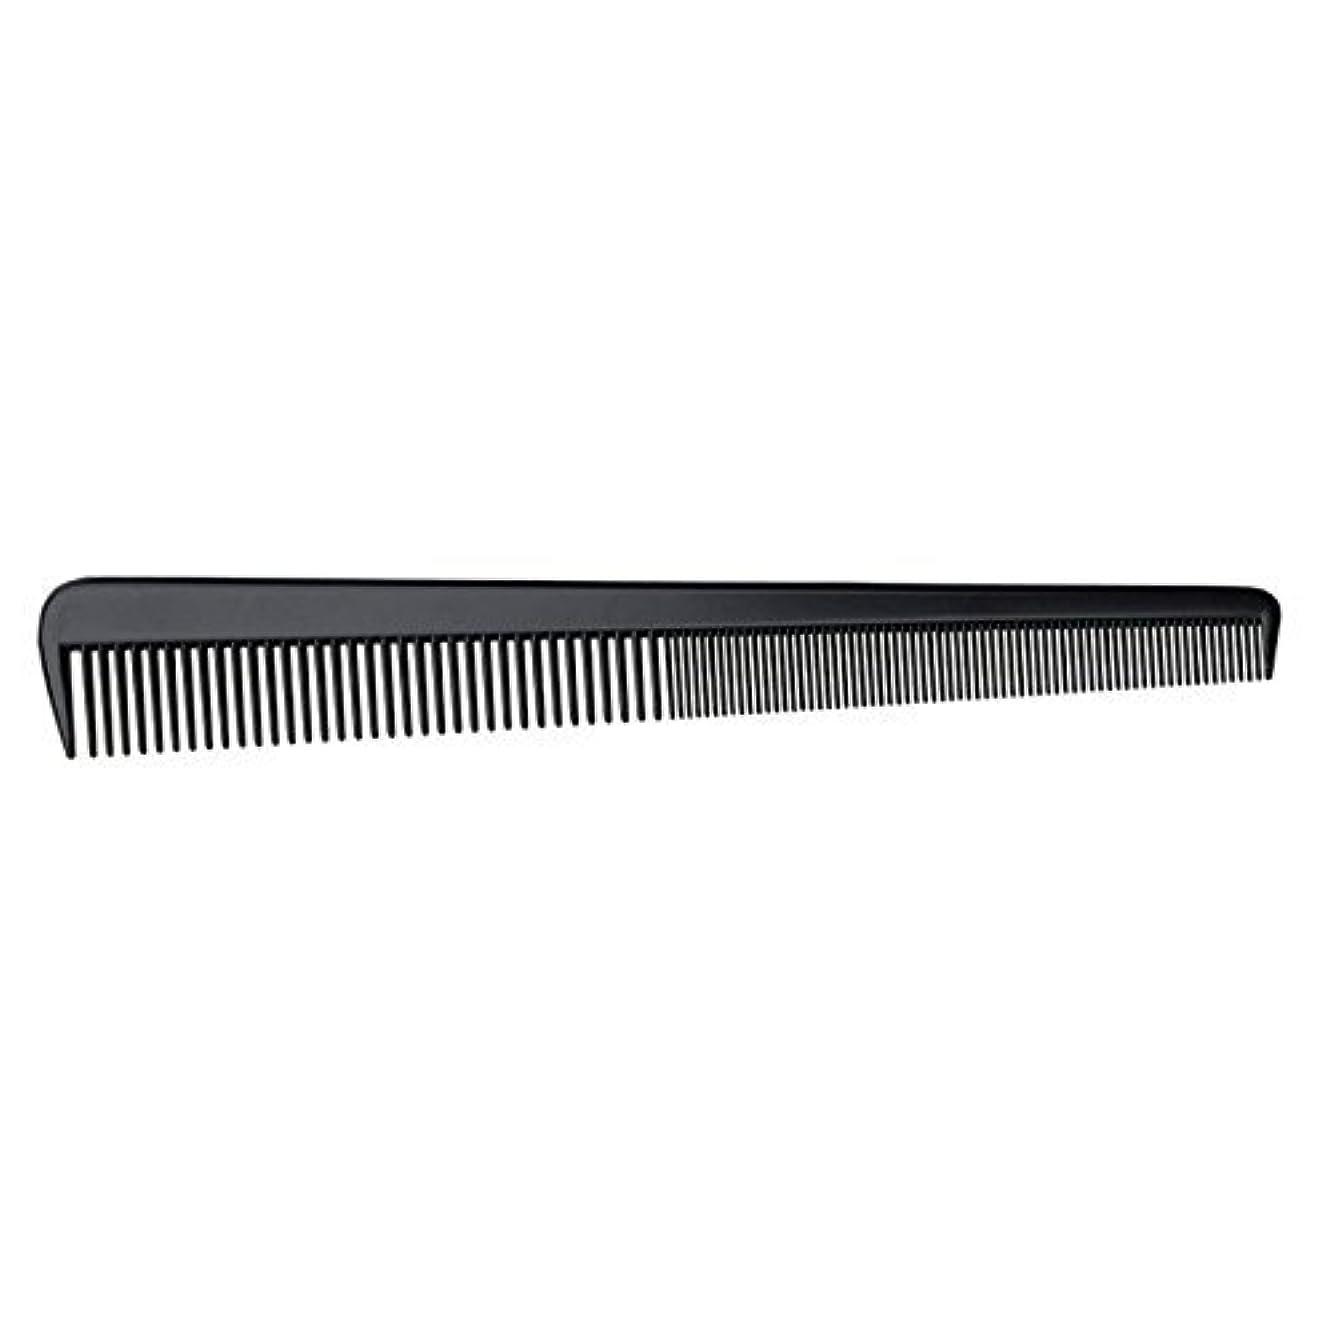 いつ追跡順応性のあるDiane Barber Comb 12 count 7-1/2 Inch [並行輸入品]